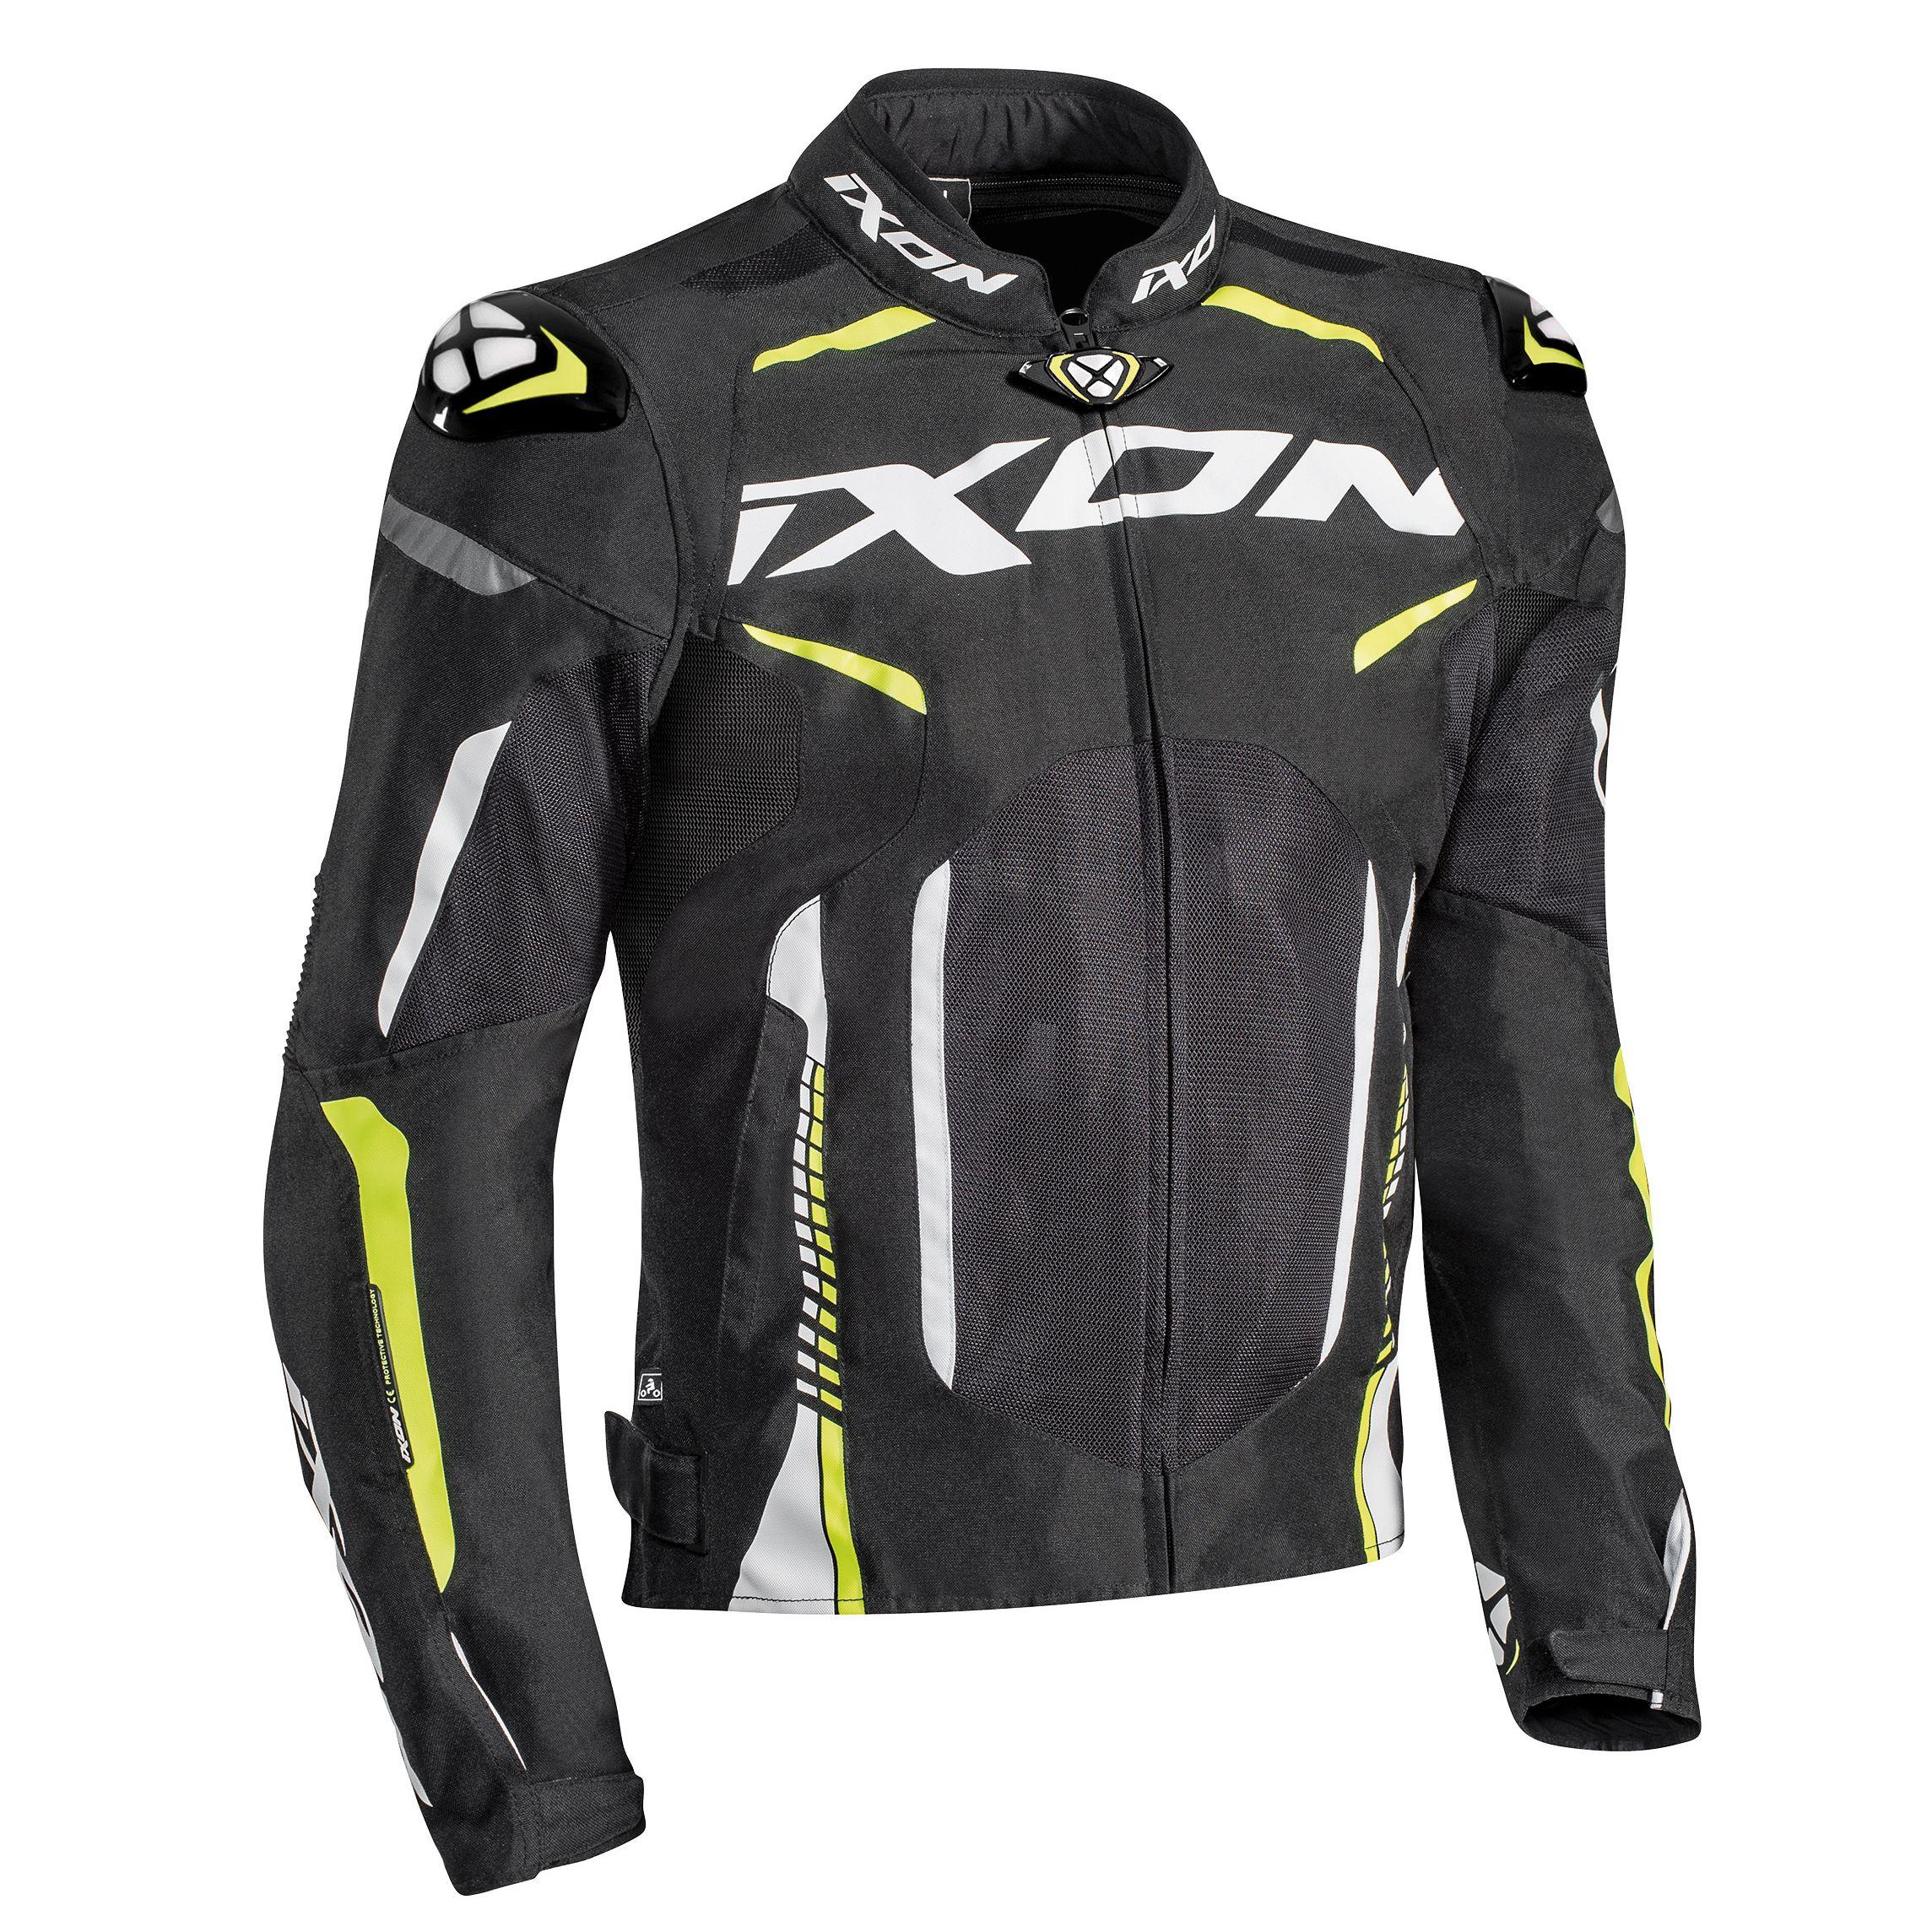 04007232e96 Cazadoras Ixon GYRE - Cazadoras y chaquetas moto - Motoblouz.es